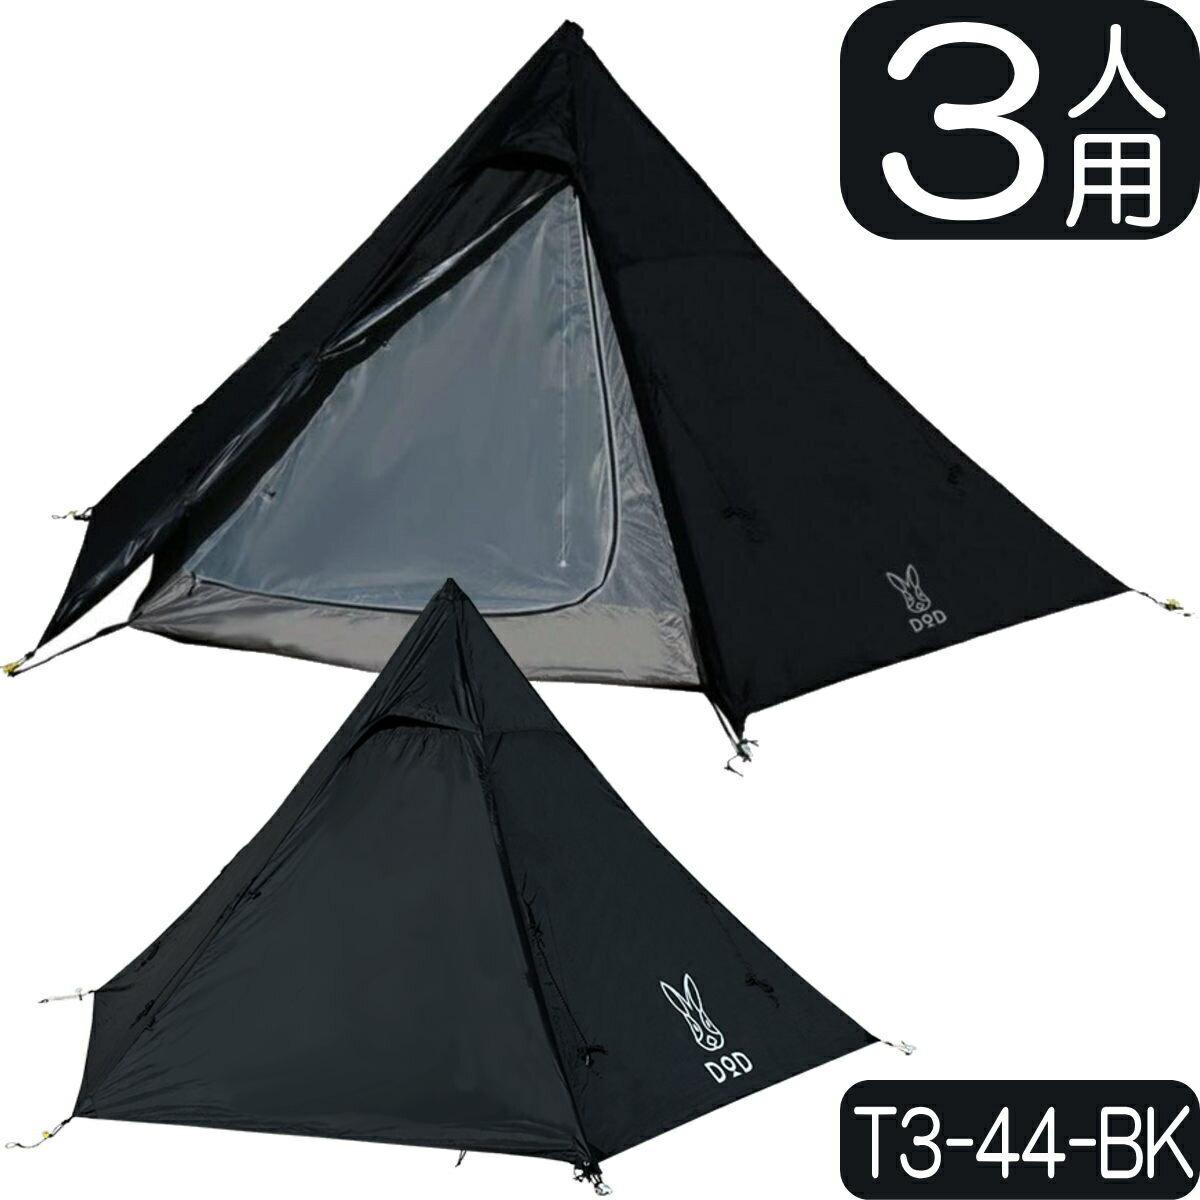 【あす楽】DOD ワンポールテント | T3-44 | 全2色 BK/BG | 3人用 | ティピー型 | 全高1.7m | 耐水圧5000mm | Y型ペグ付属